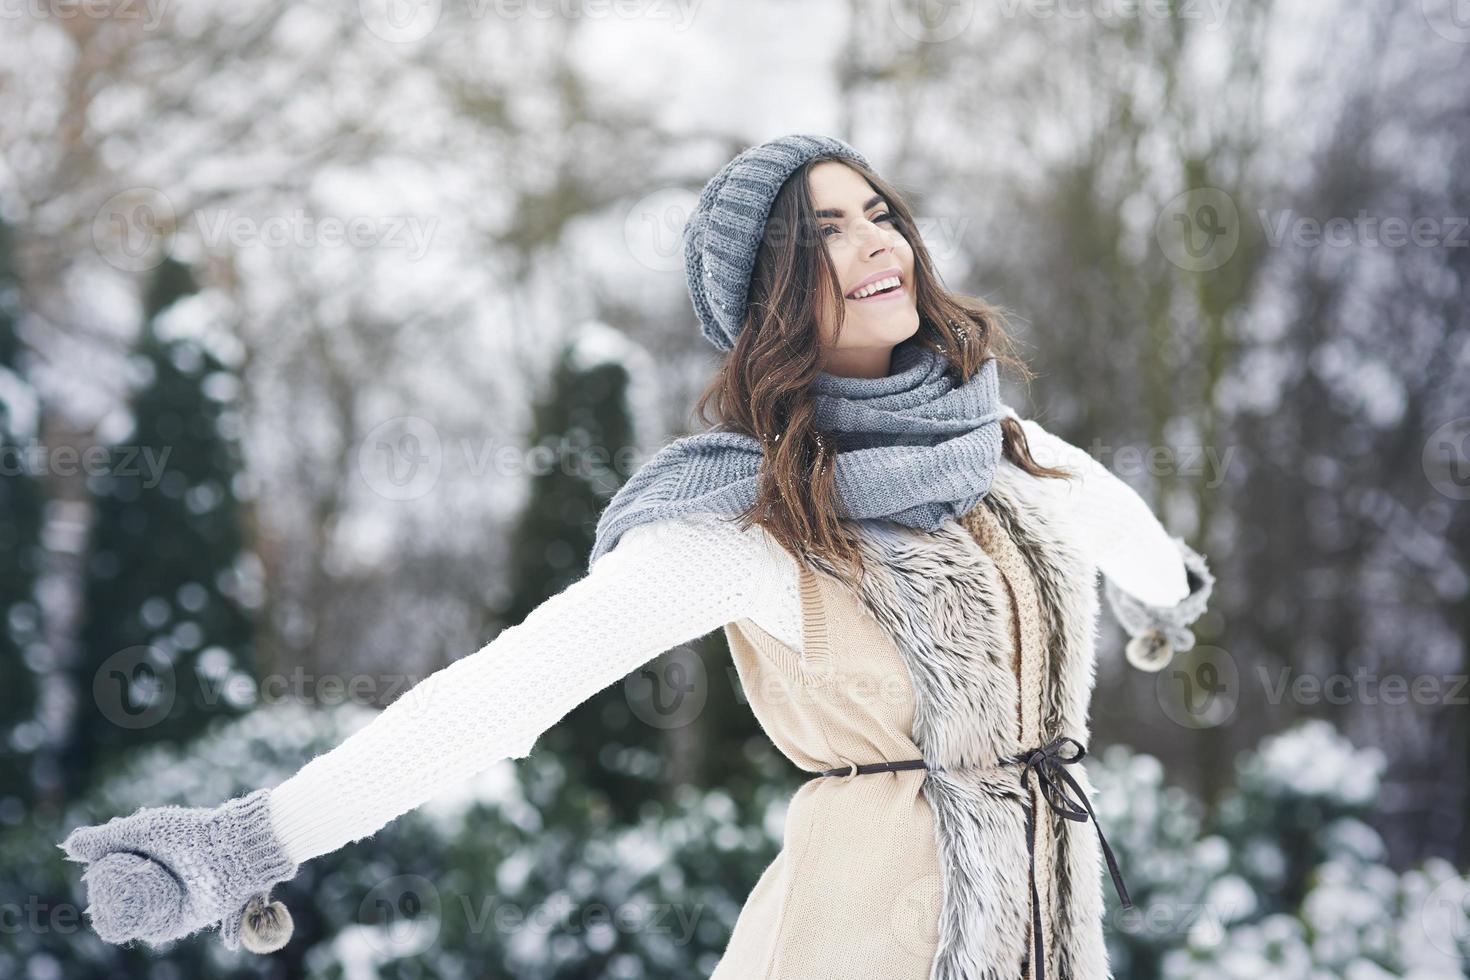 giovane donna che gode della natura fresca nell'orario invernale foto